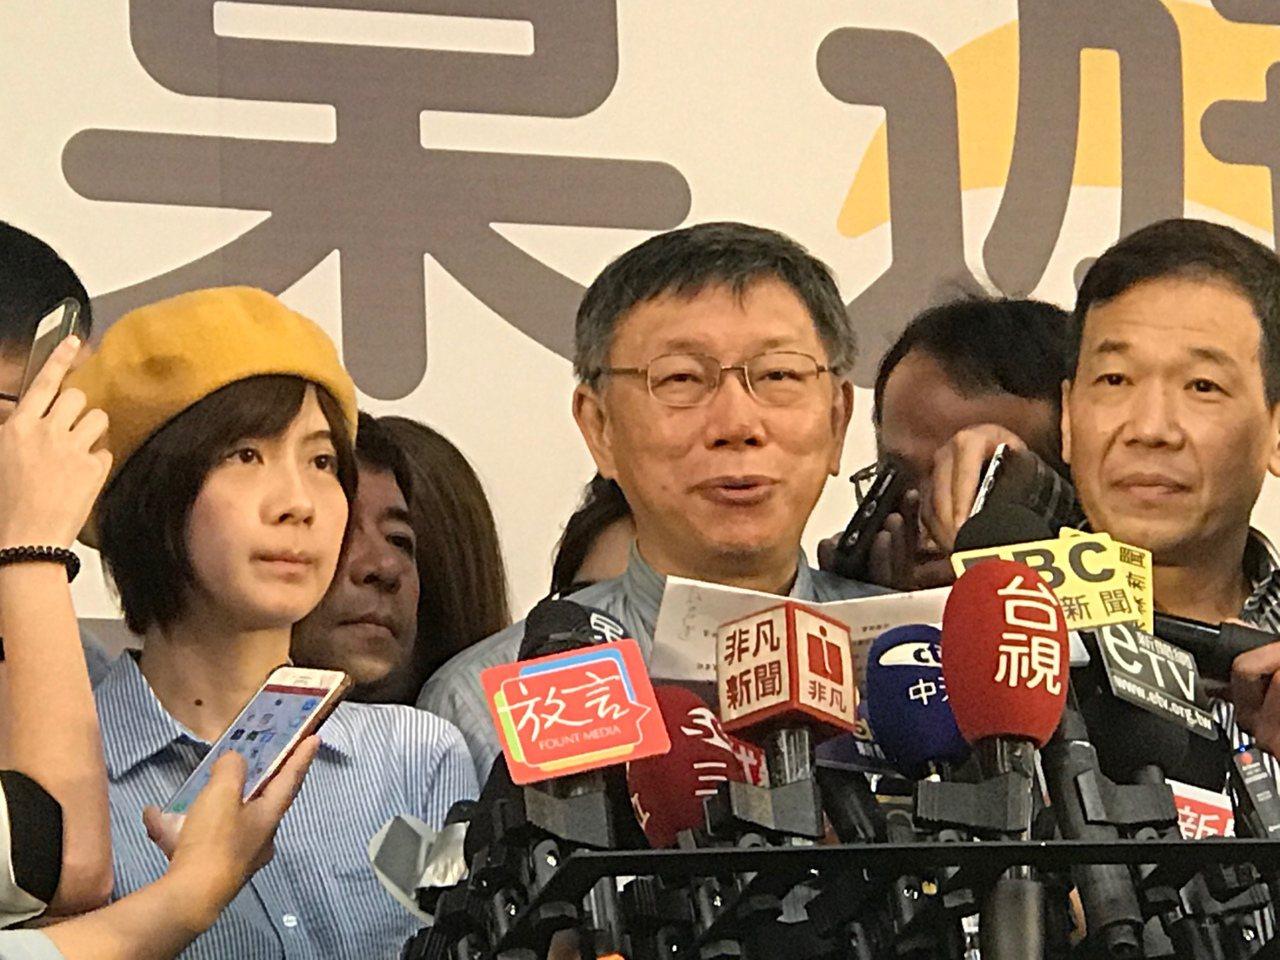 台北市長柯文哲上午參加敬老活動時受訪。記者楊正海/攝影